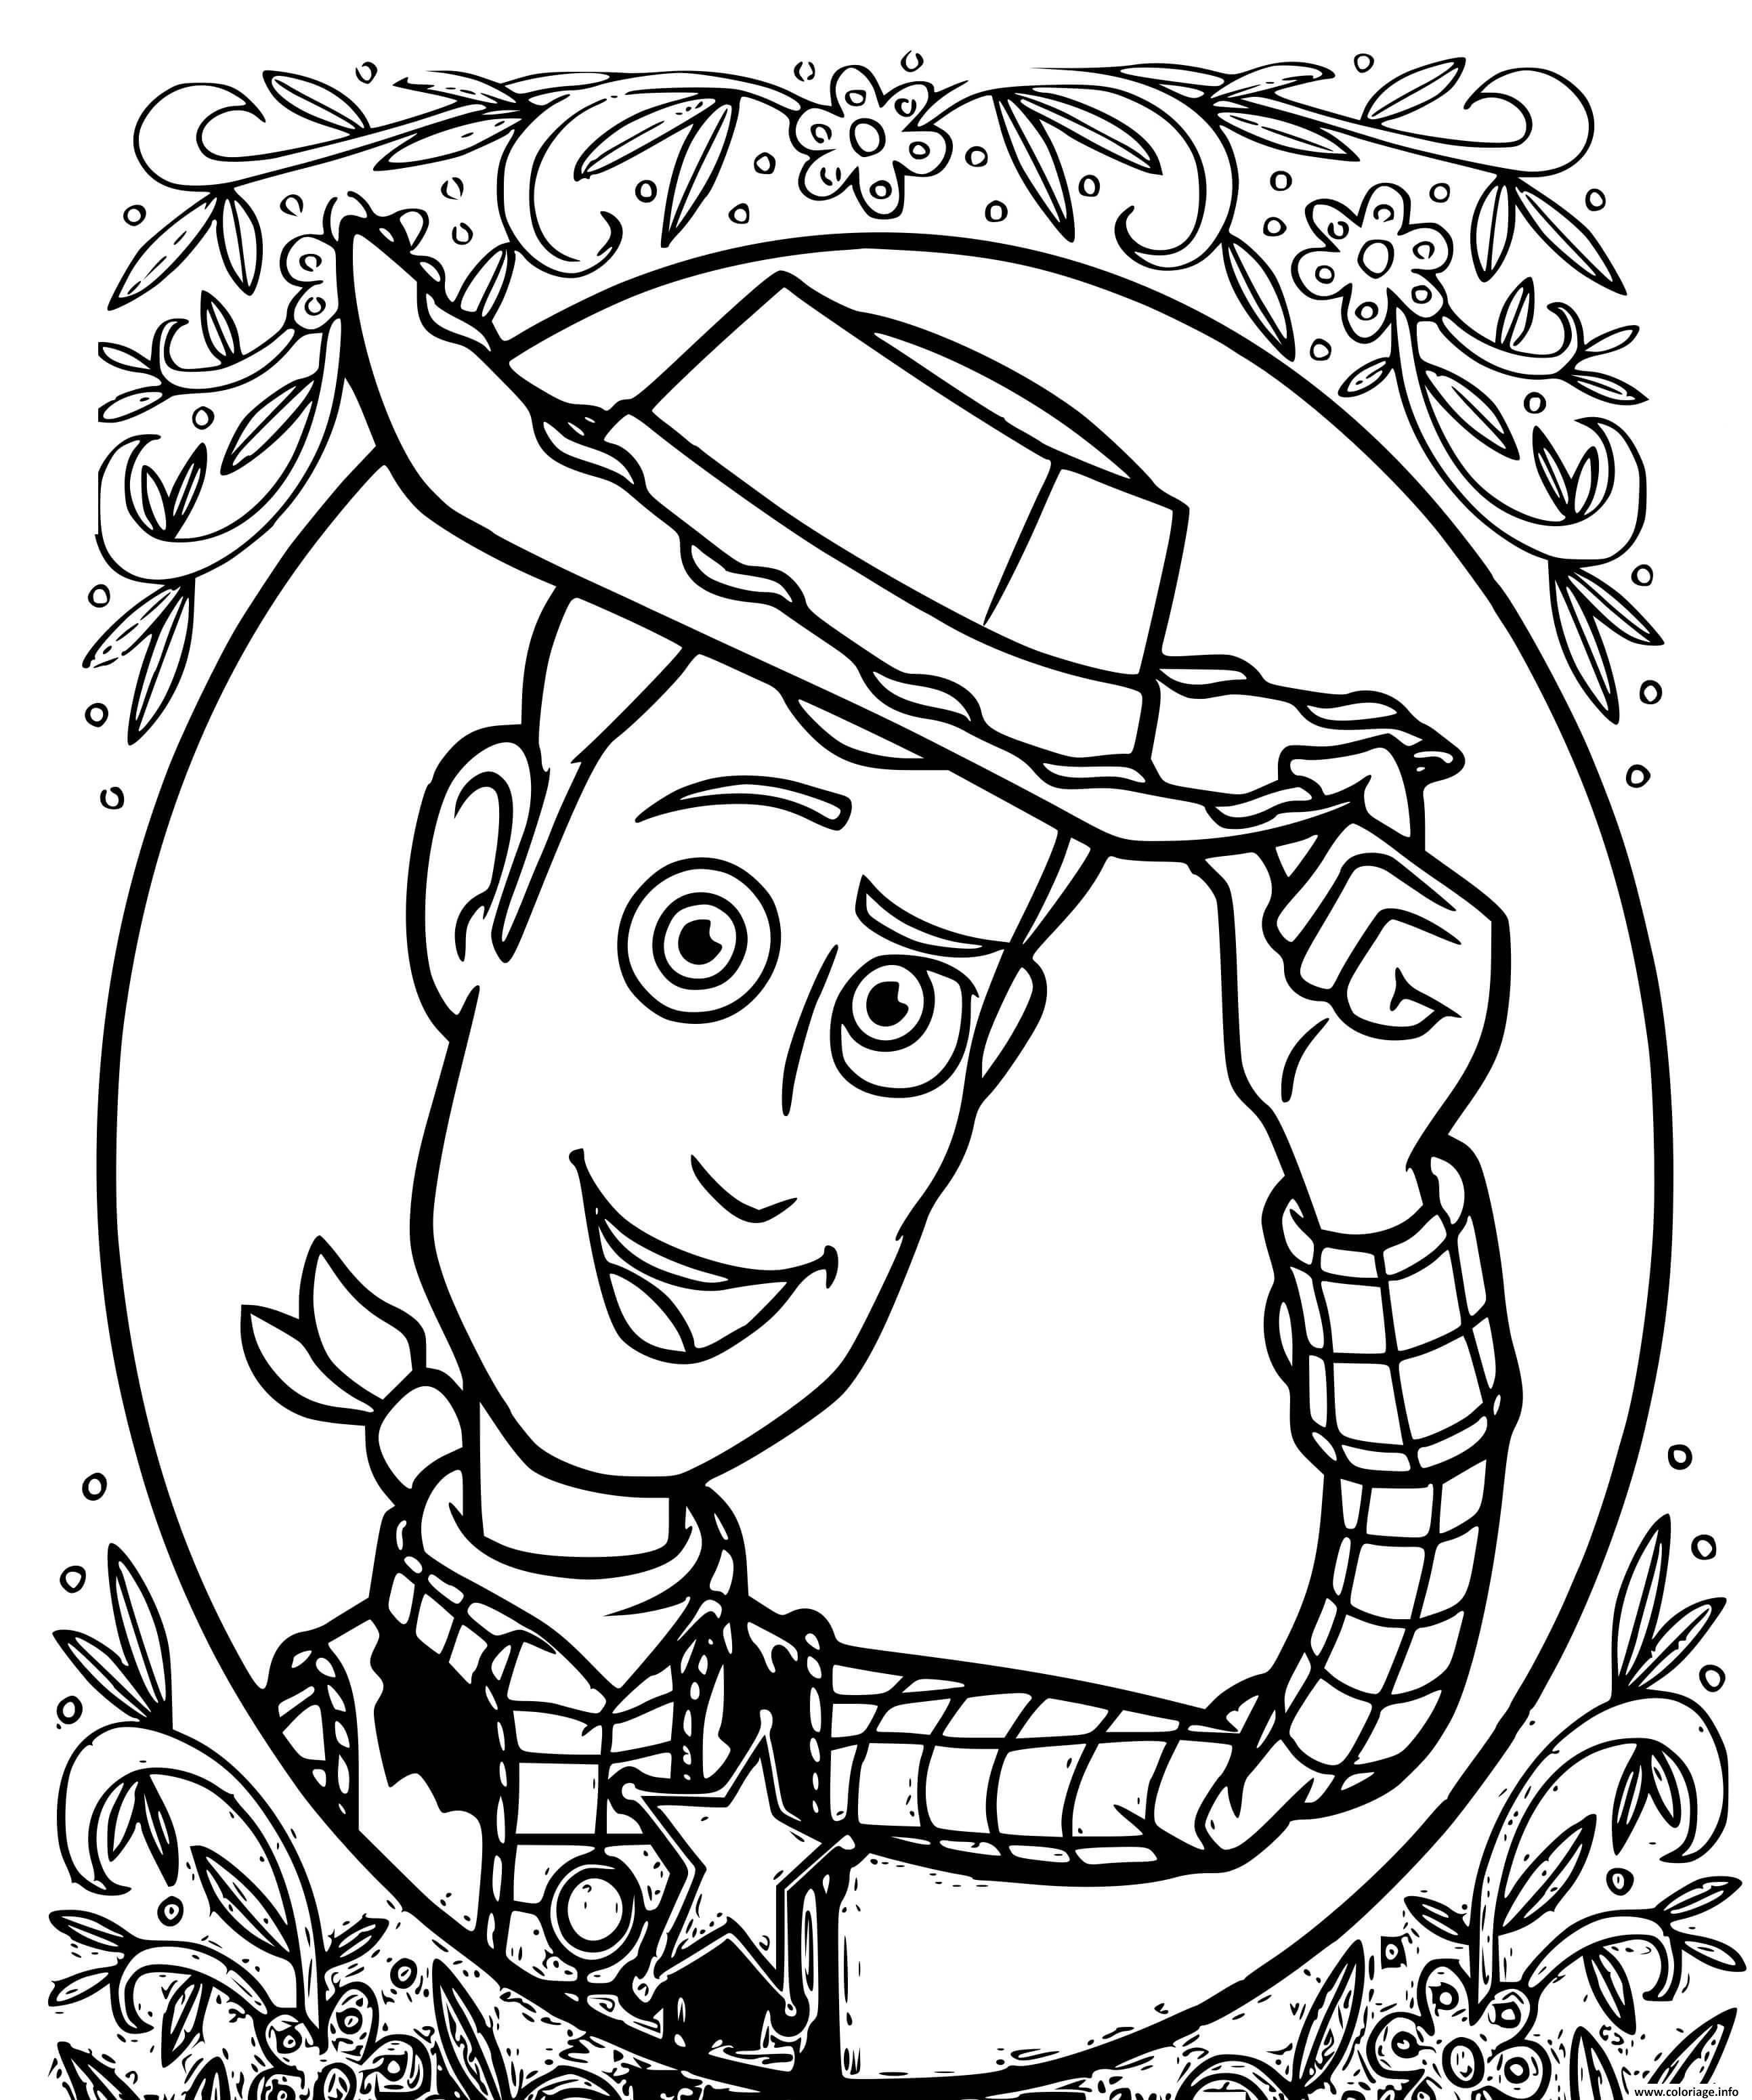 Dessin sherif woody histoire de jouets 4 Coloriage Gratuit à Imprimer